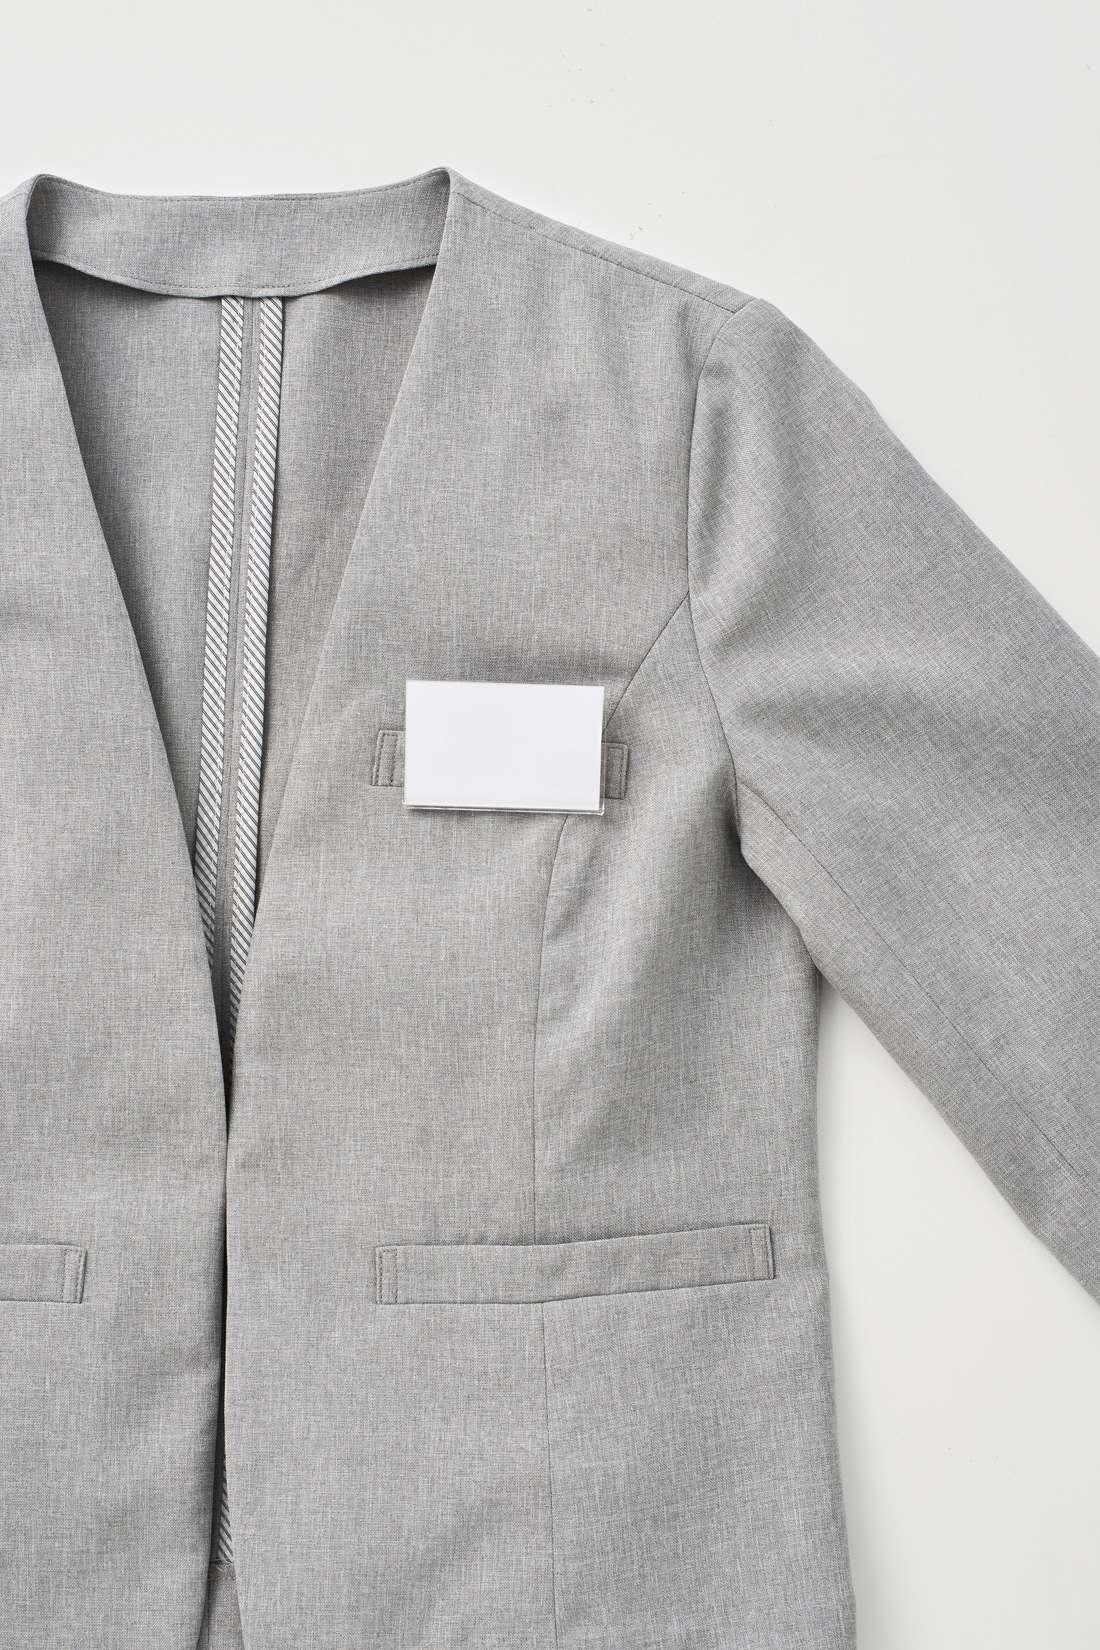 胸ポケットには名札などをクリップではさむこともできて便利。